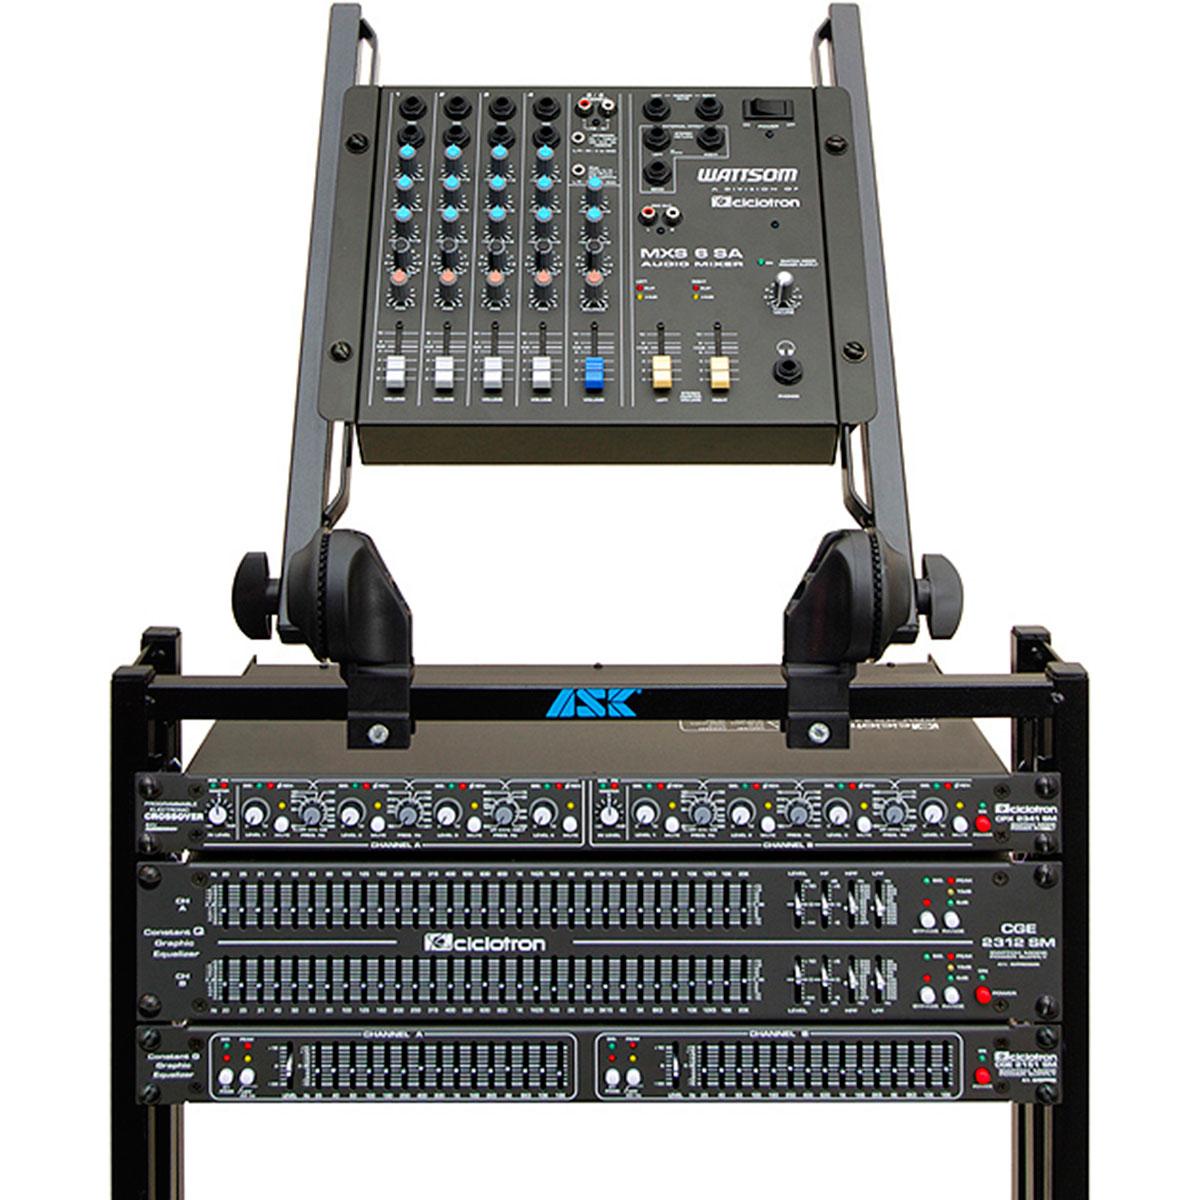 Mesa de Som 6 Canais (4 P10 Desbalanceados + RCA) c/ 1 Auxiliar - MXS 6 SA Ciclotron